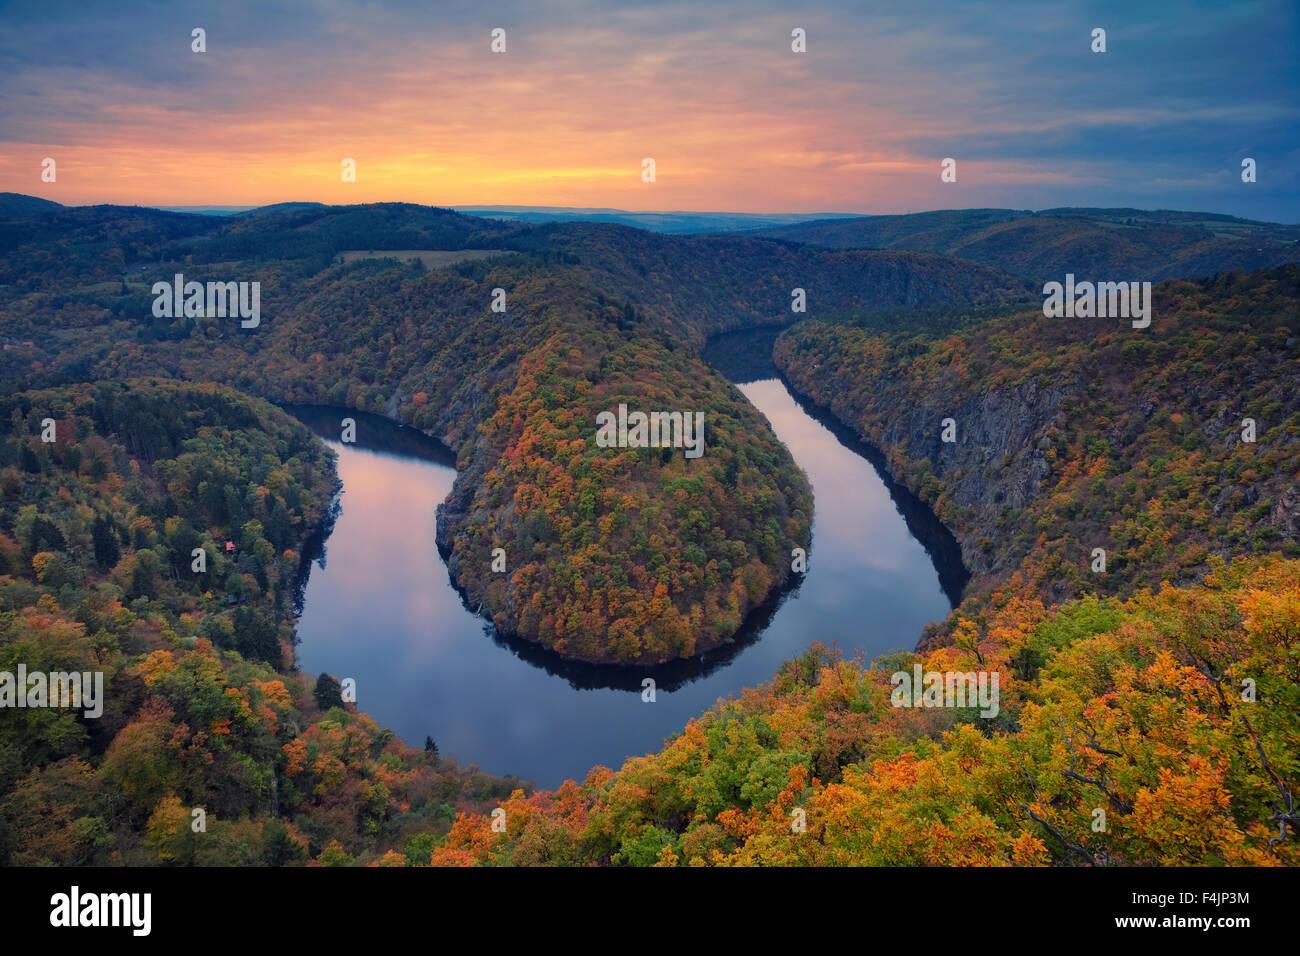 Automne rivière bend. Beau méandre de la rivière Vltava en République tchèque au cours Photo Stock